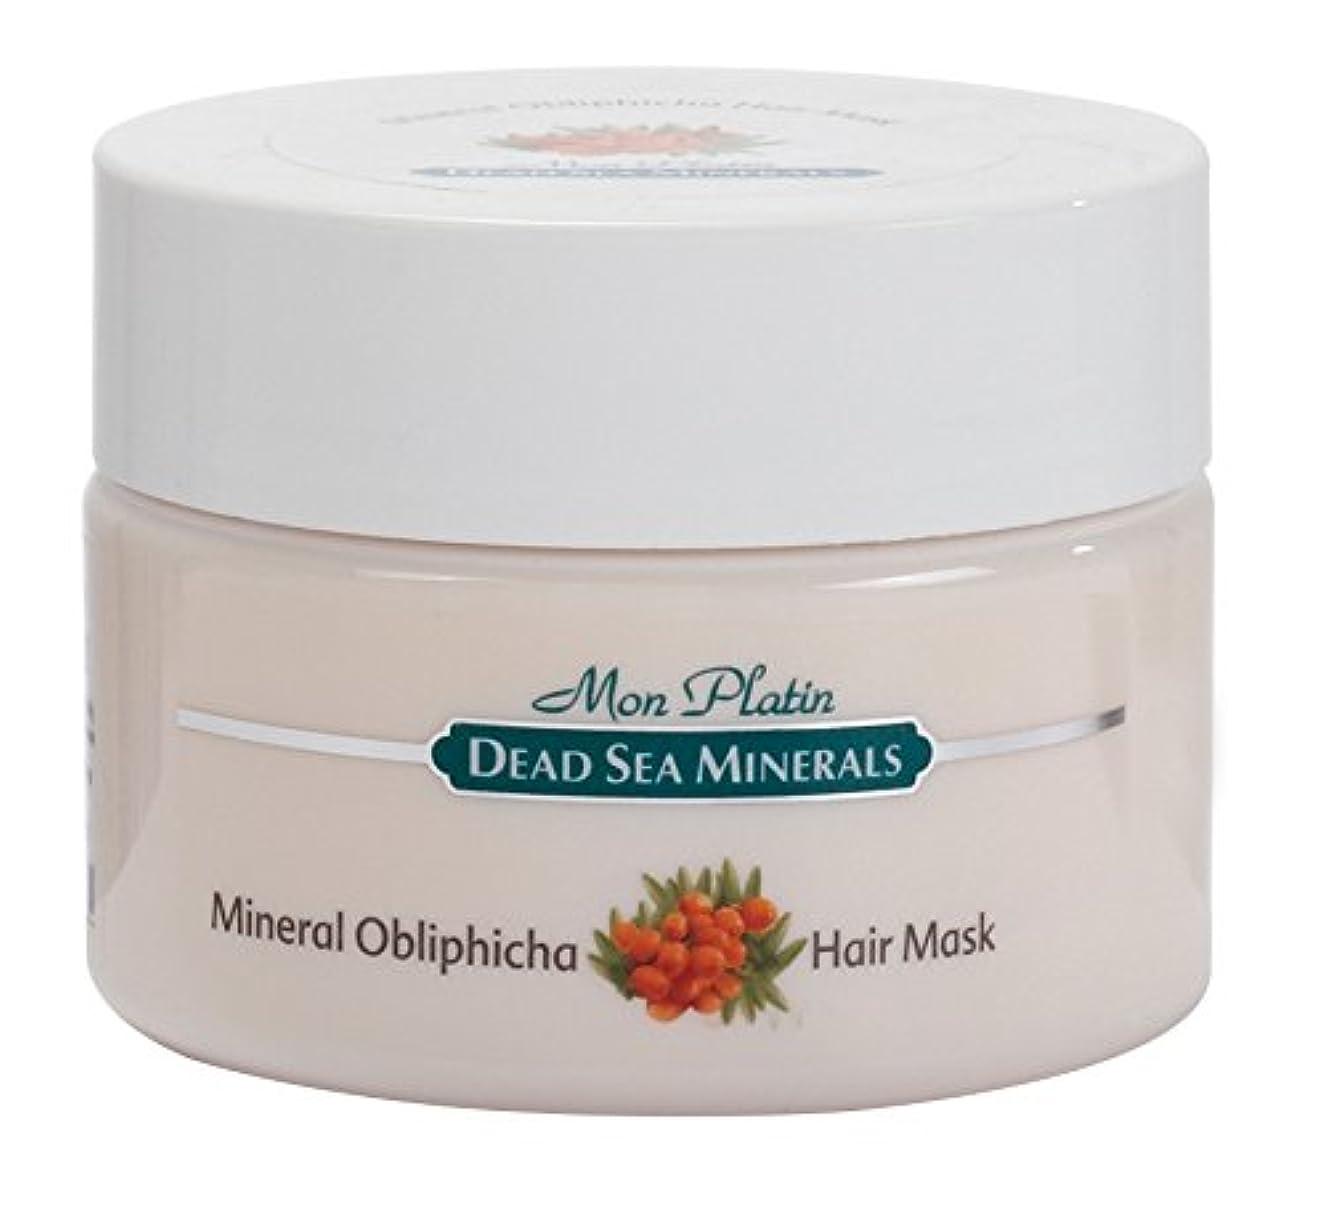 オブリフィカの髪マスク 250mL 死海ミネラル Obliphica Hair Mask